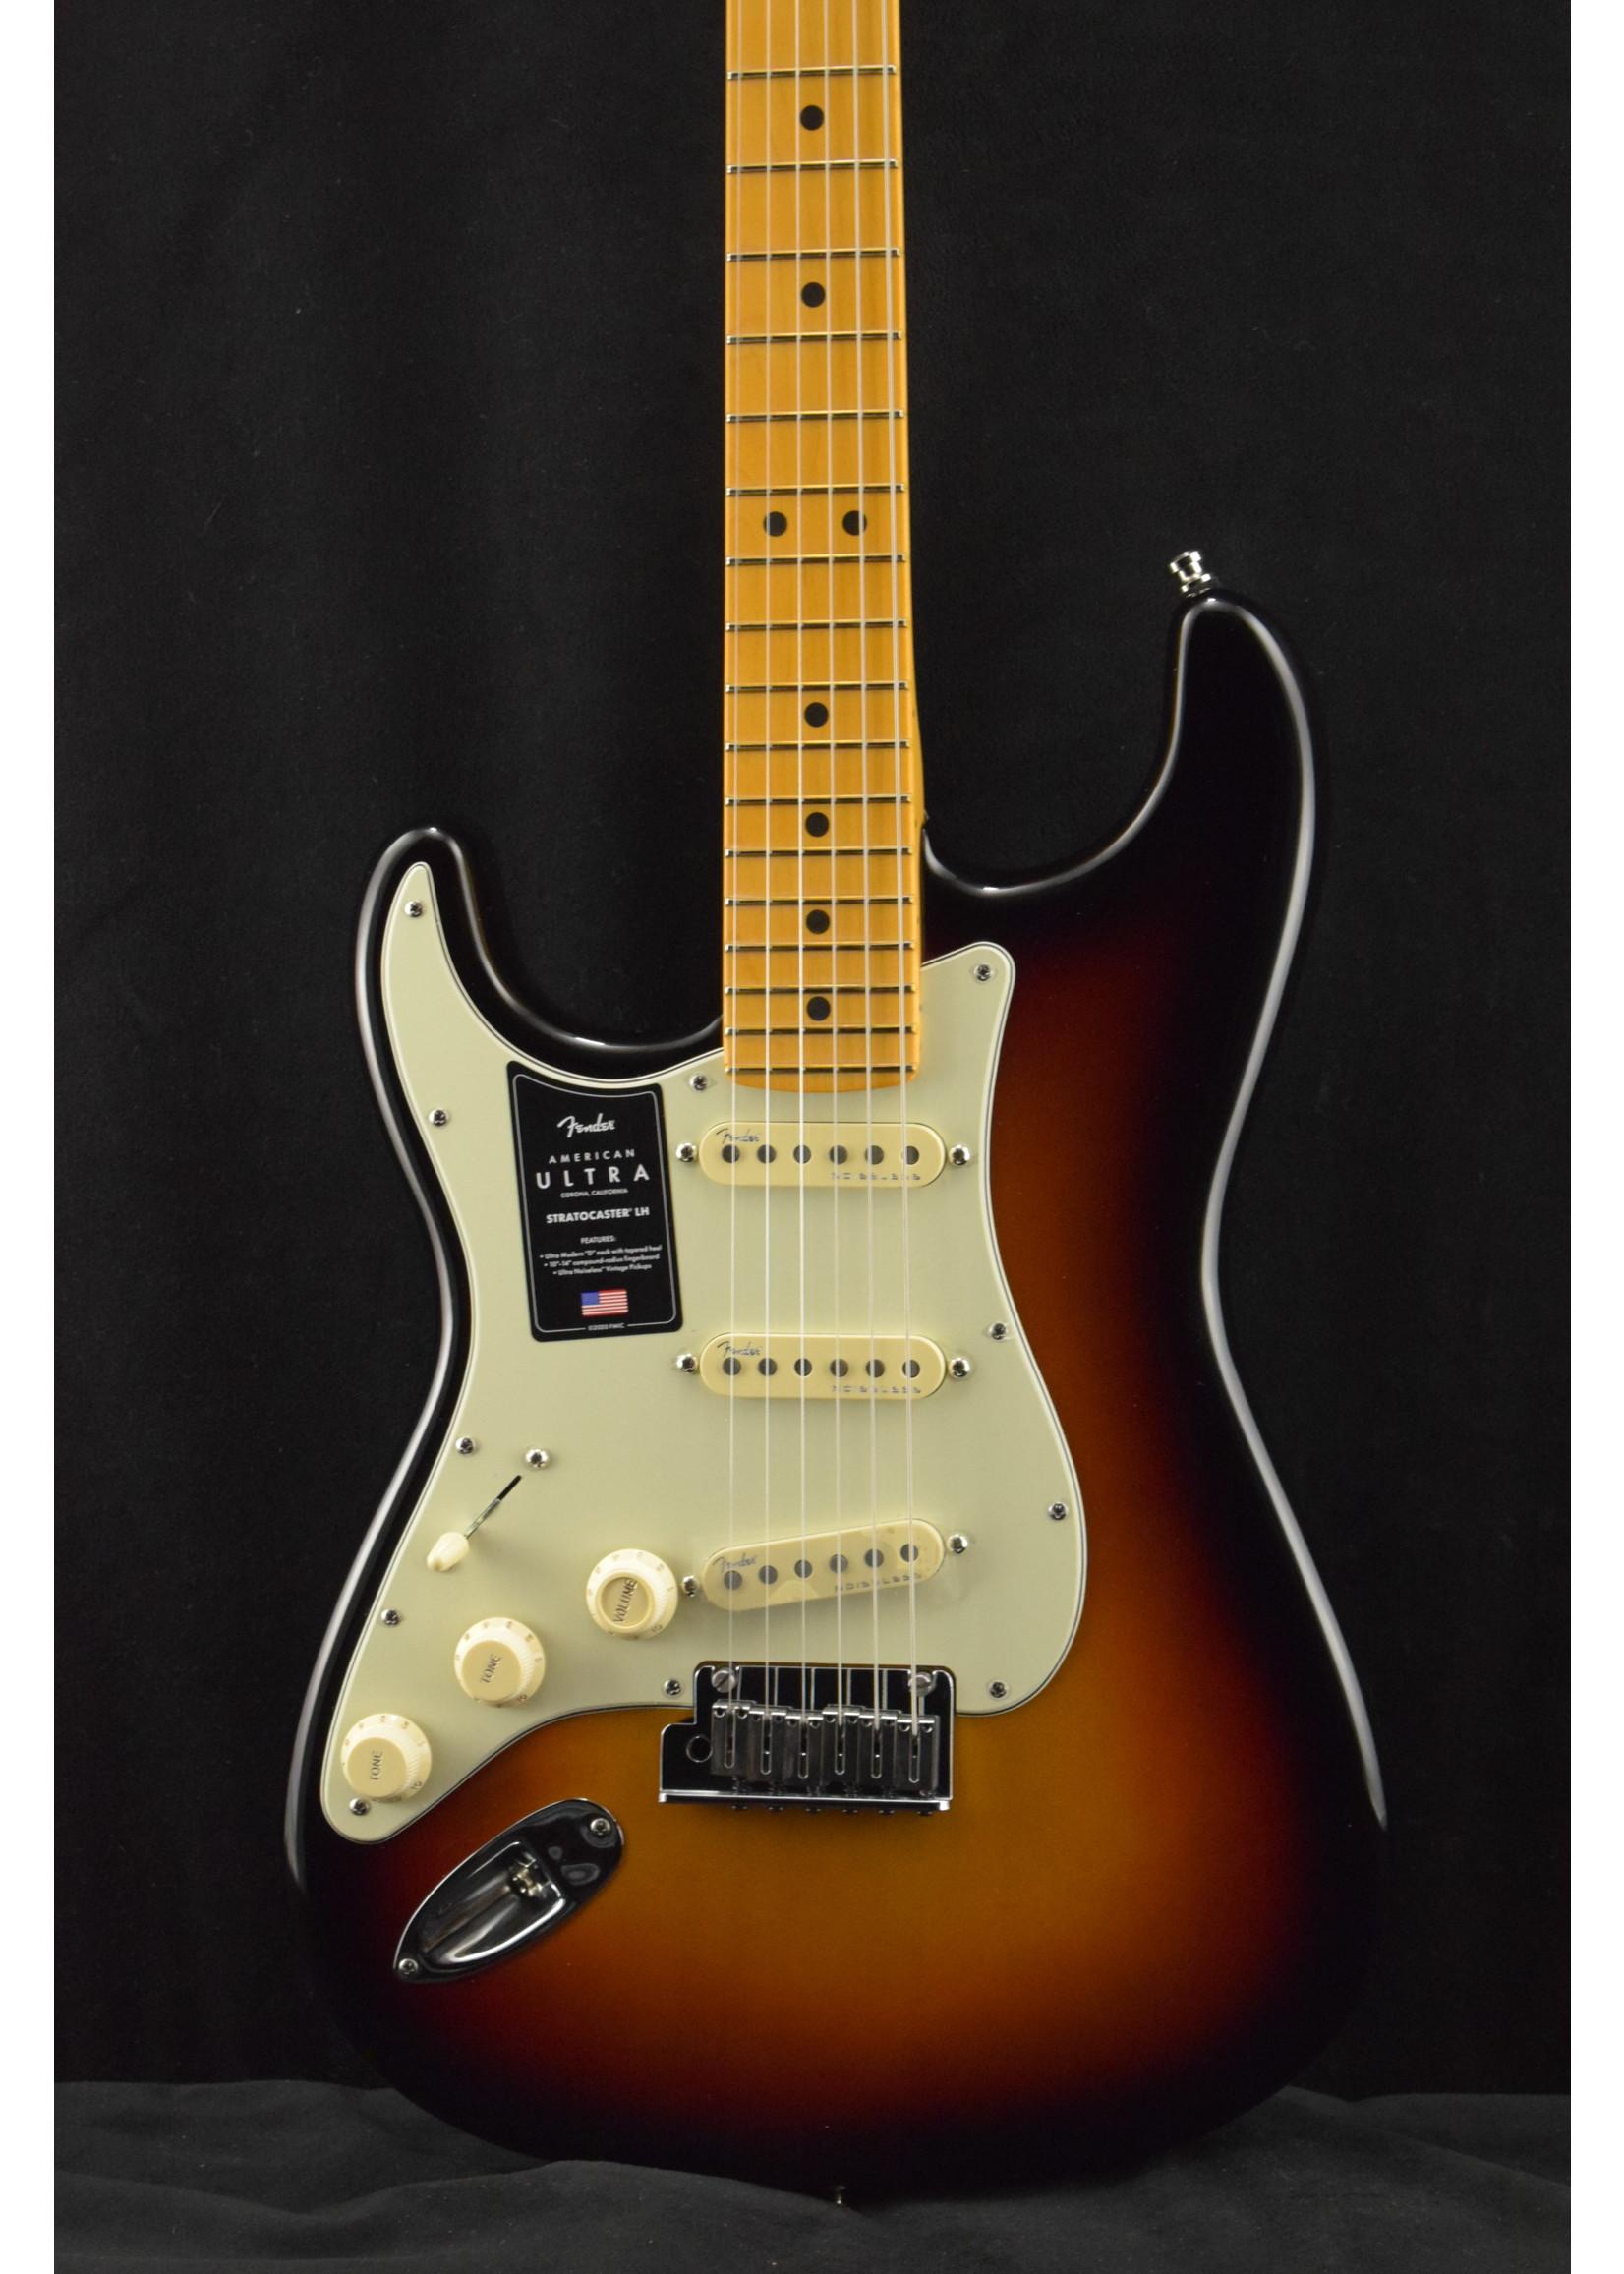 Fender Fender American Ultra Stratocaster Left-Handed with Maple Fretboard Ultraburst